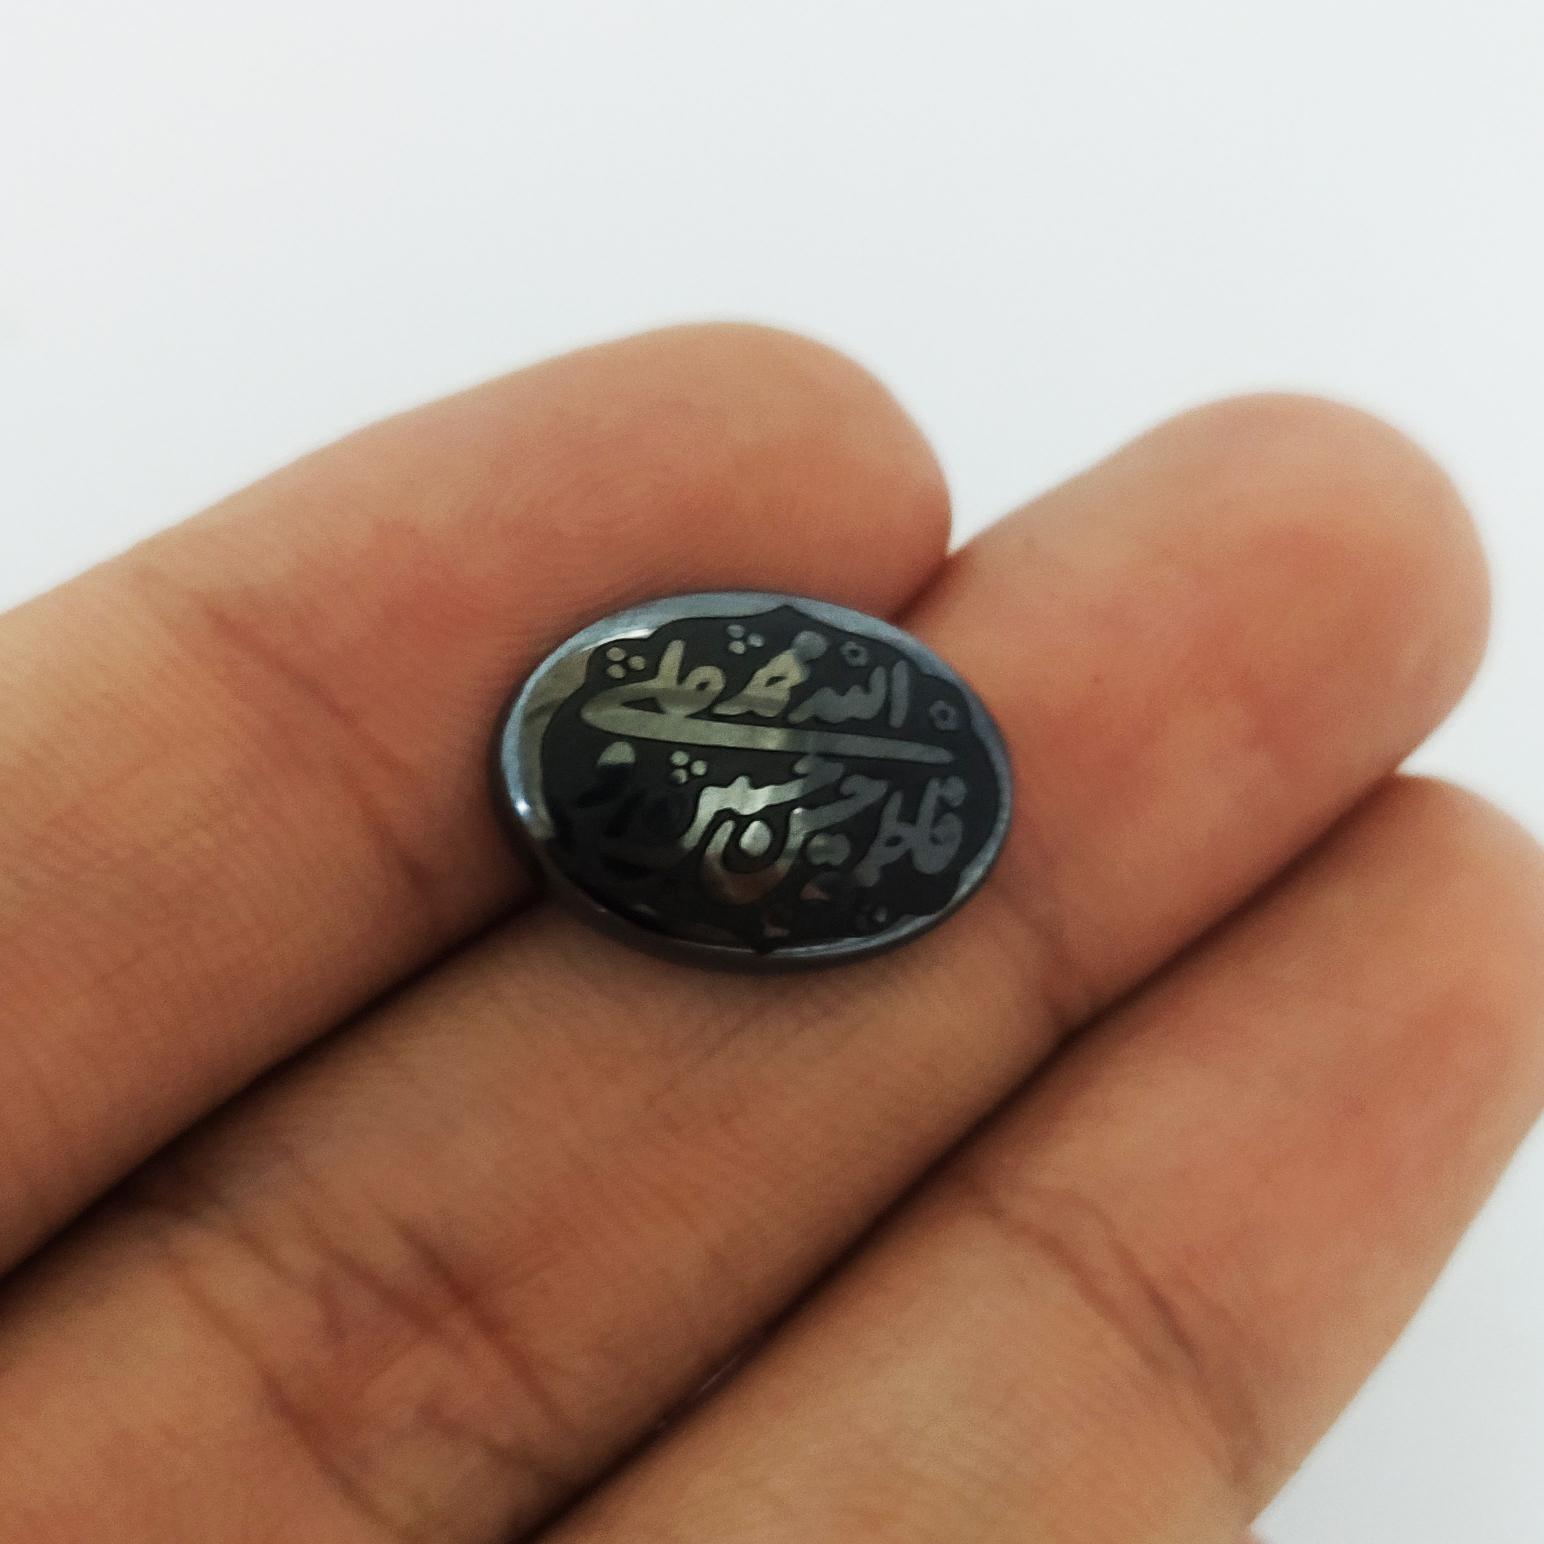 سنگ حدید سلین کالا مدلce-197